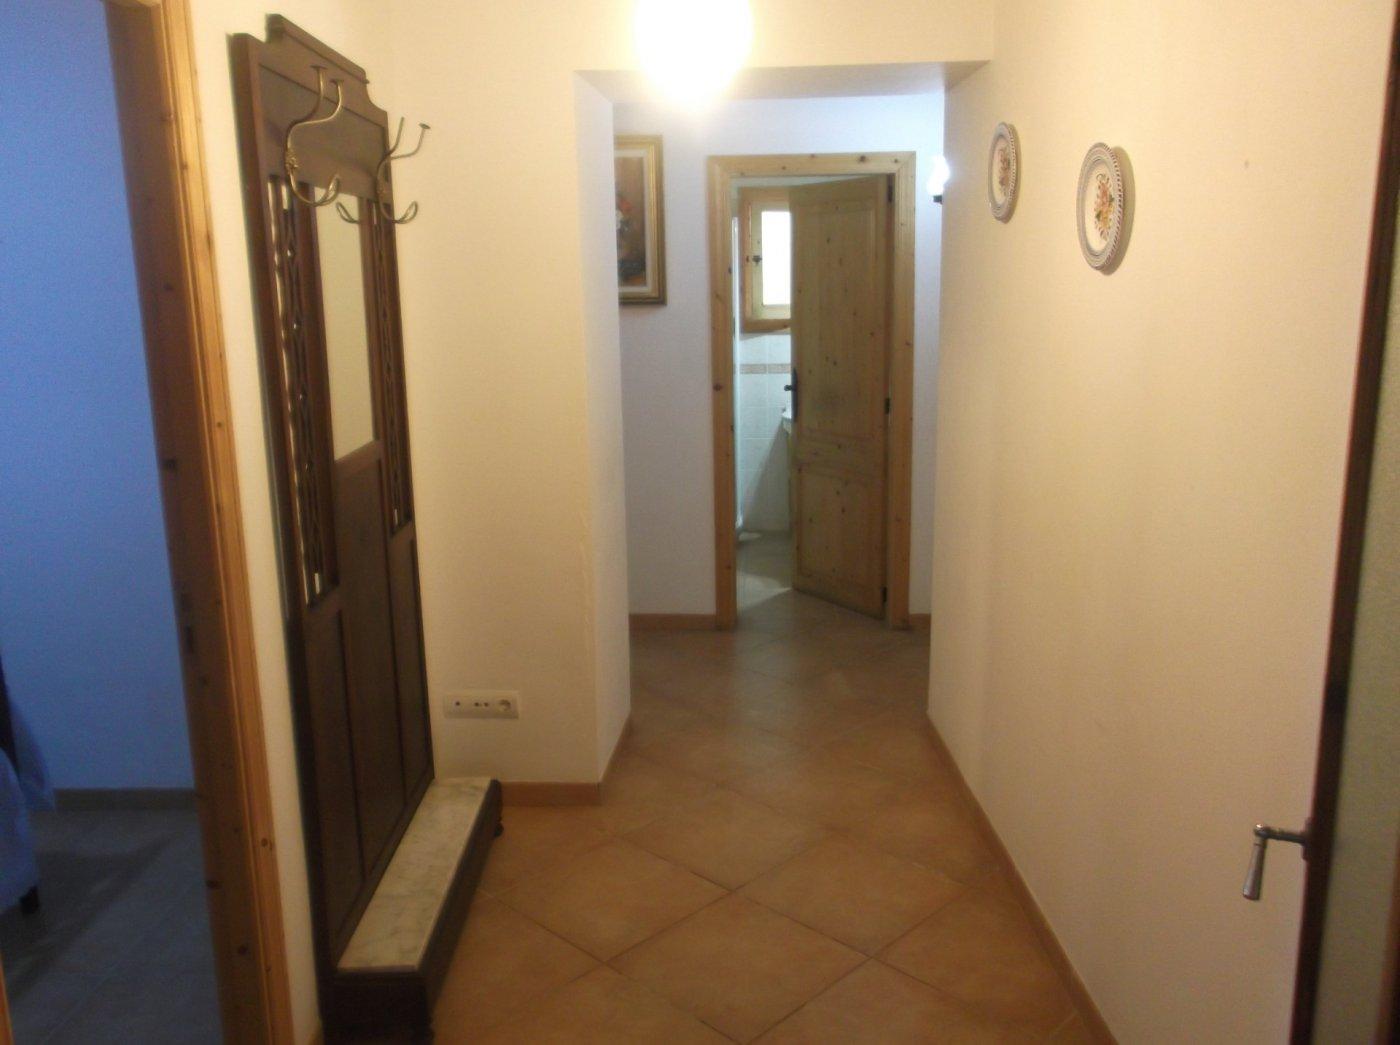 En venta casa de pueblo reformada 3 alturas estilo mallorquin centro llucmajor - imagenInmueble30